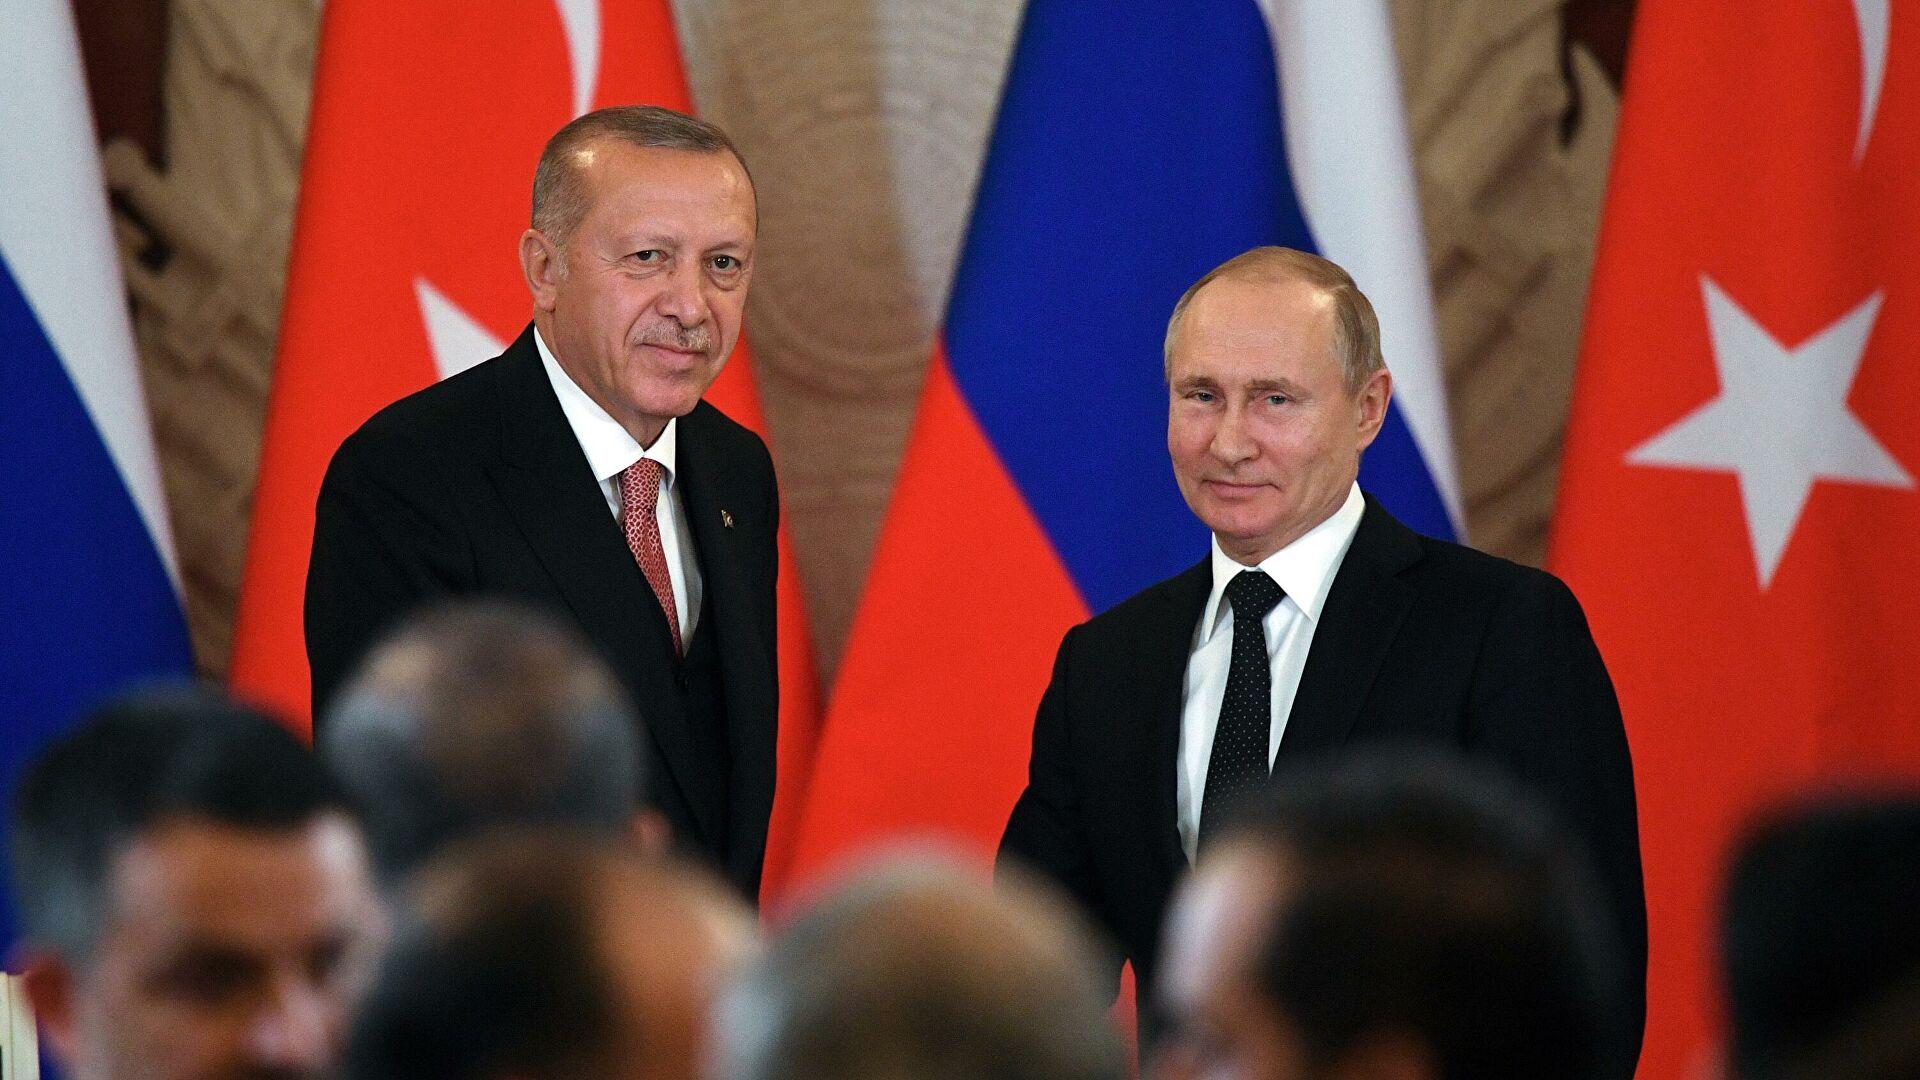 Путин открыл ящик Пандоры. Столкновение двух, мечтающих о возрождении былого величия, скрепостанов становится практически неизбежным